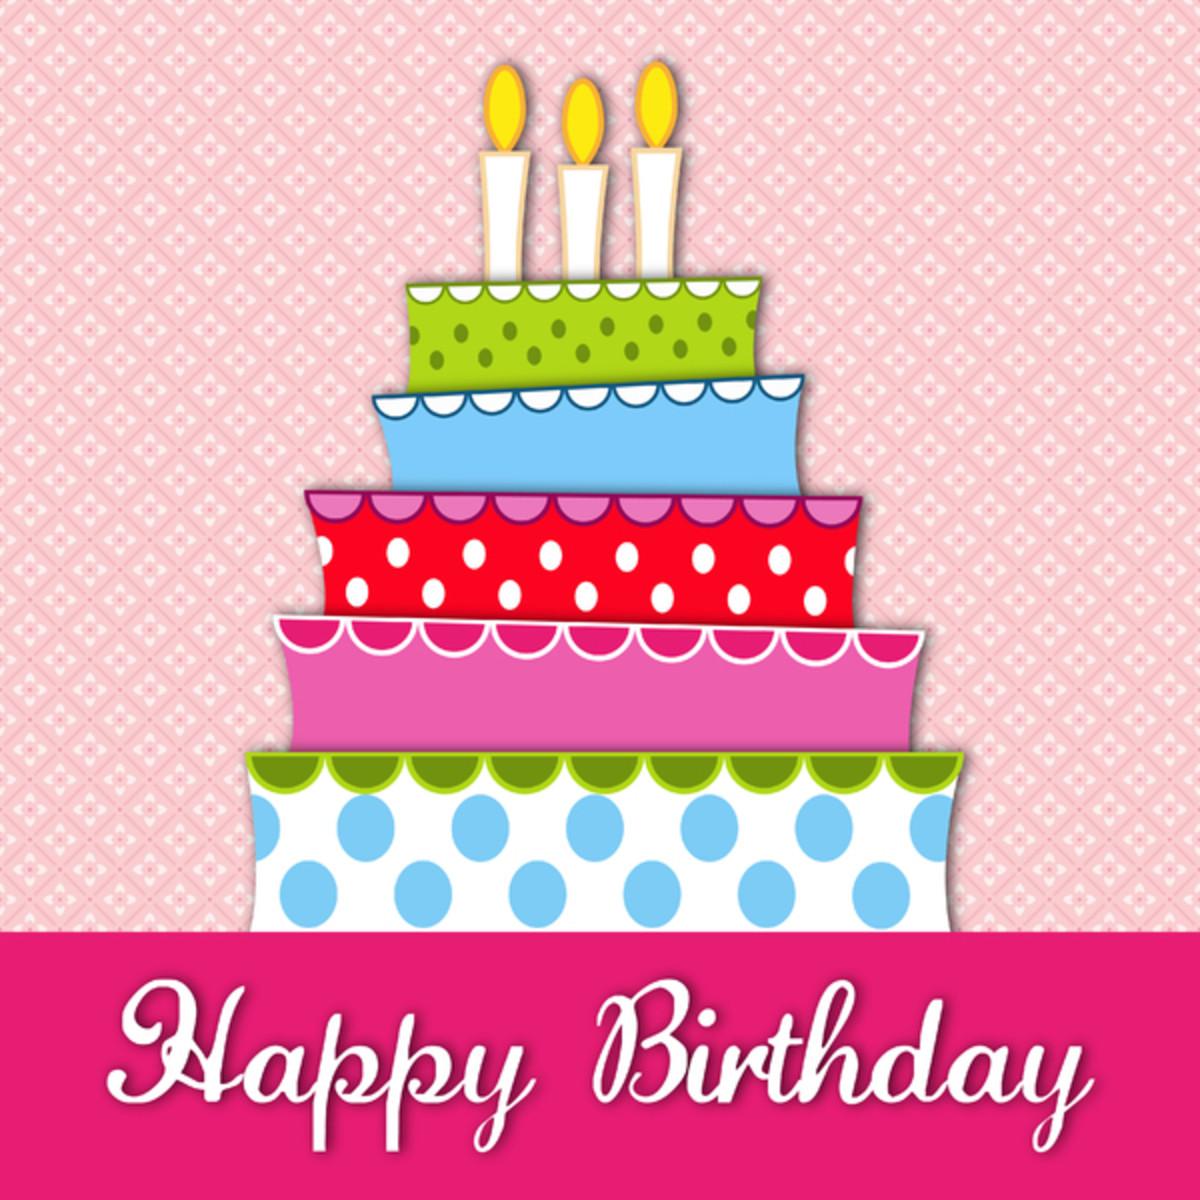 Five-Tier Happy Birthday Cake